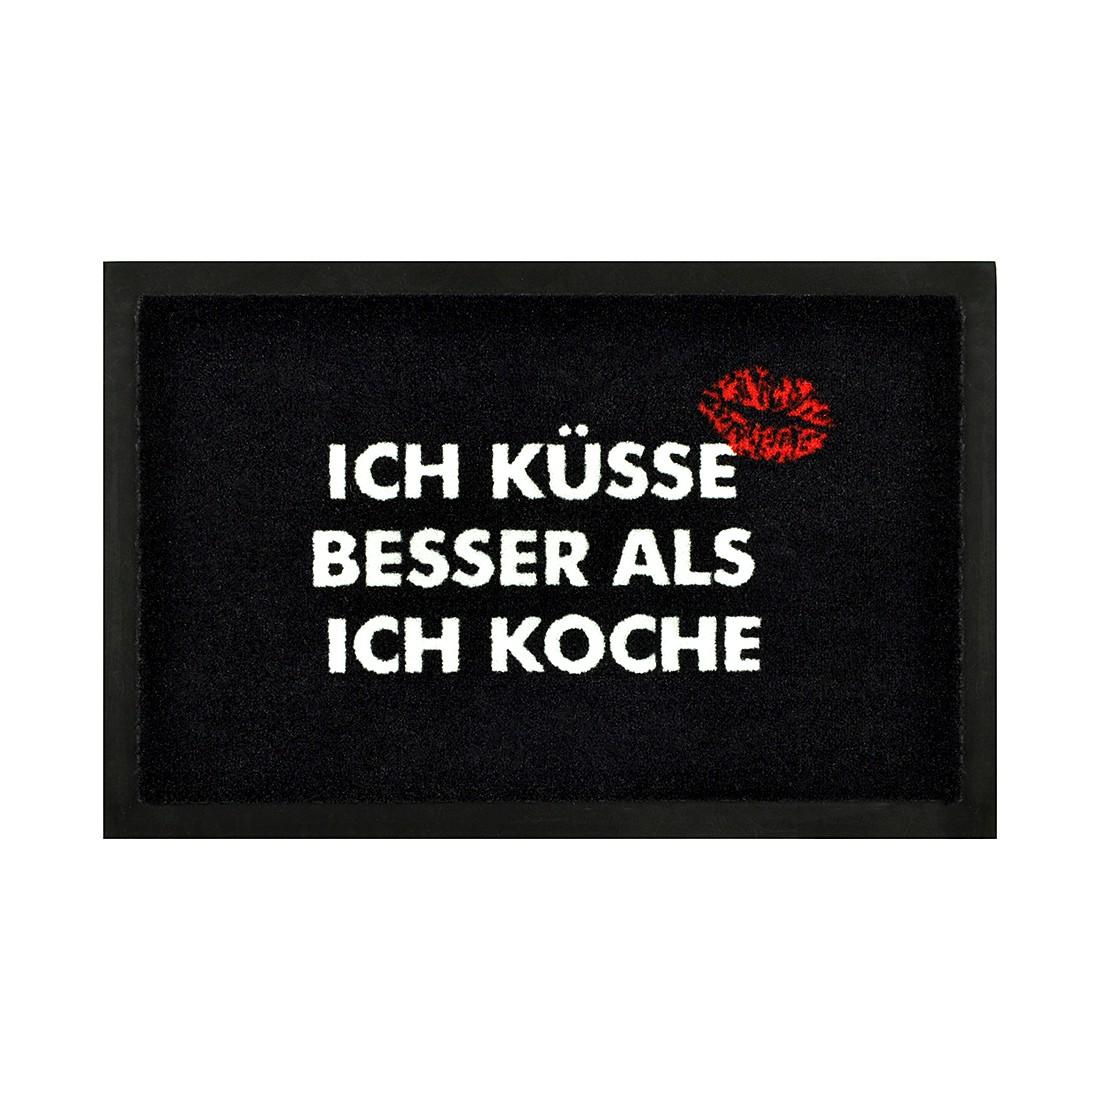 Fußmatte Printy Kuss, Hanse Home Collection jetzt kaufen